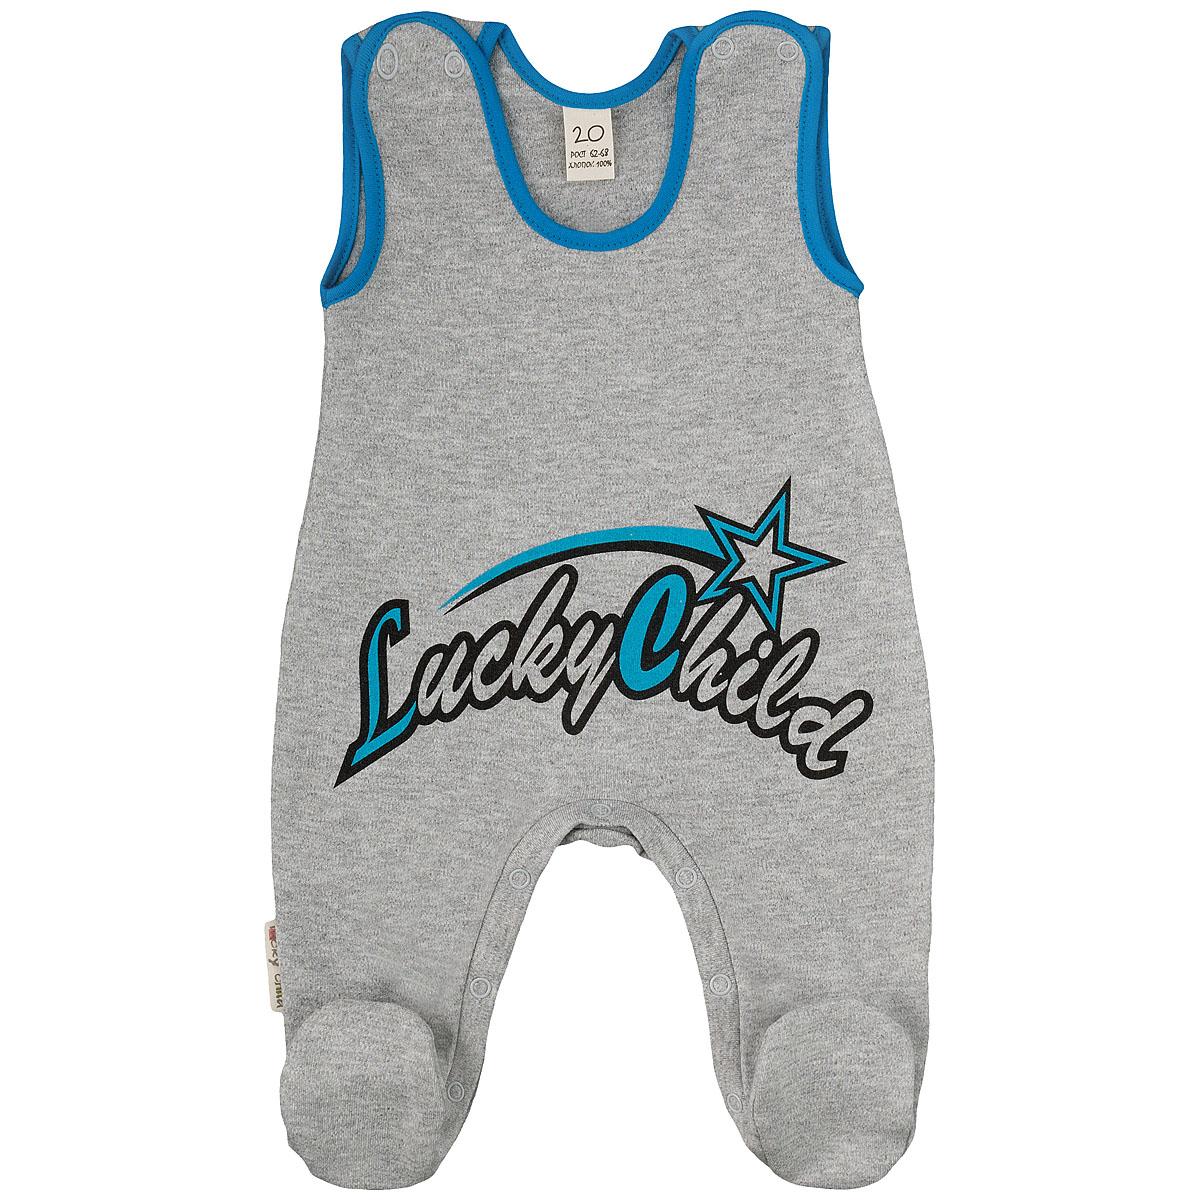 Ползунки1-2Ползунки с грудкой Lucky Child - очень удобный и практичный вид одежды для малышей. Они отлично сочетаются с футболками и кофточками. Ползунки выполнены из интерлока - натурального хлопка, благодаря чему они необычайно мягкие и приятные на ощупь, не раздражают нежную кожу ребенка и хорошо вентилируются, а эластичные швы приятны телу малыша и не препятствуют его движениям. Ползунки с закрытыми ножками, застегивающиеся сверху на кнопки, идеально подойдут вашему малышу, обеспечивая ему наибольший комфорт, подходят для ношения с подгузником и без него. Кнопки на ластовице помогают легко и без труда поменять подгузник в течение дня. Спереди ползунки оформлены надписью Lucky Child. Ползунки с грудкой полностью соответствуют особенностям жизни малыша в ранний период, не стесняя и не ограничивая его в движениях!